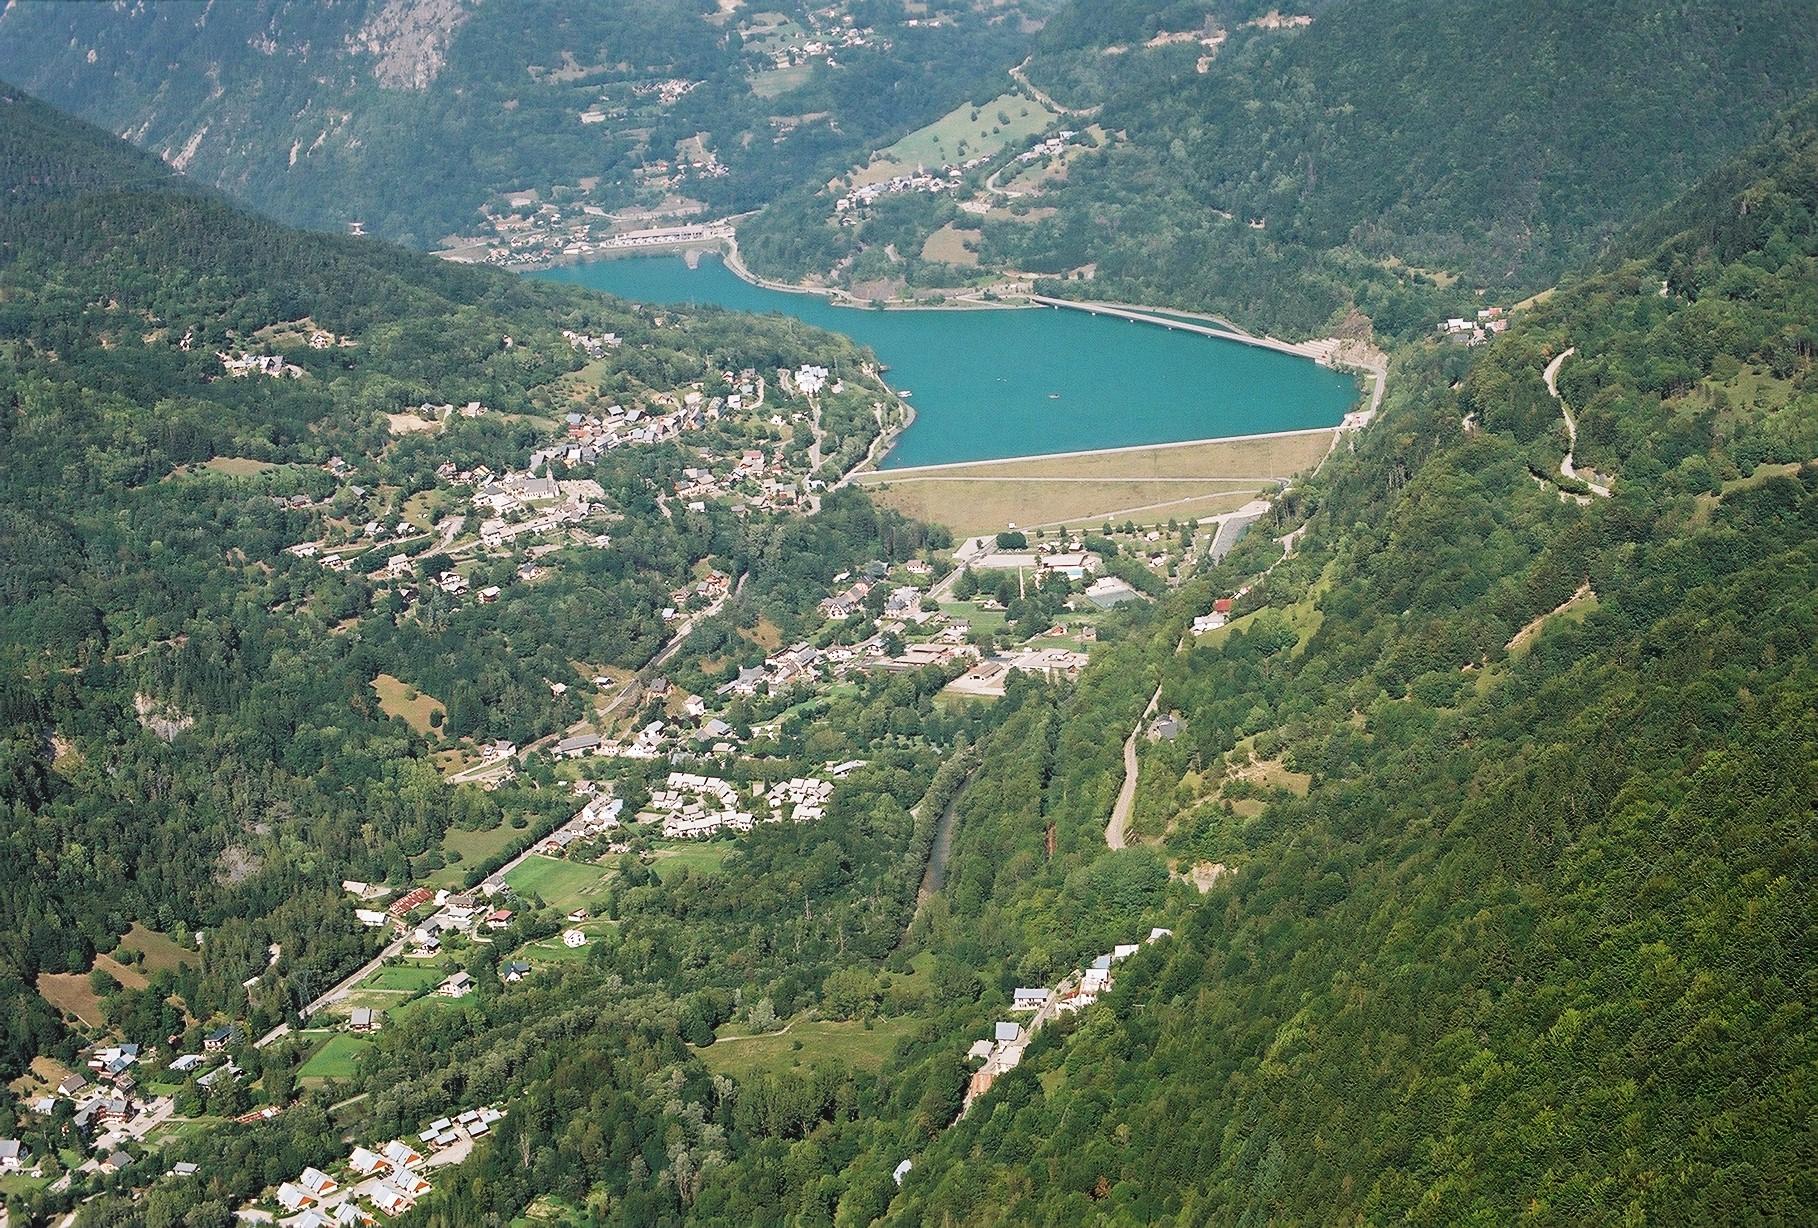 vue aérienne d'une retenue de barrage